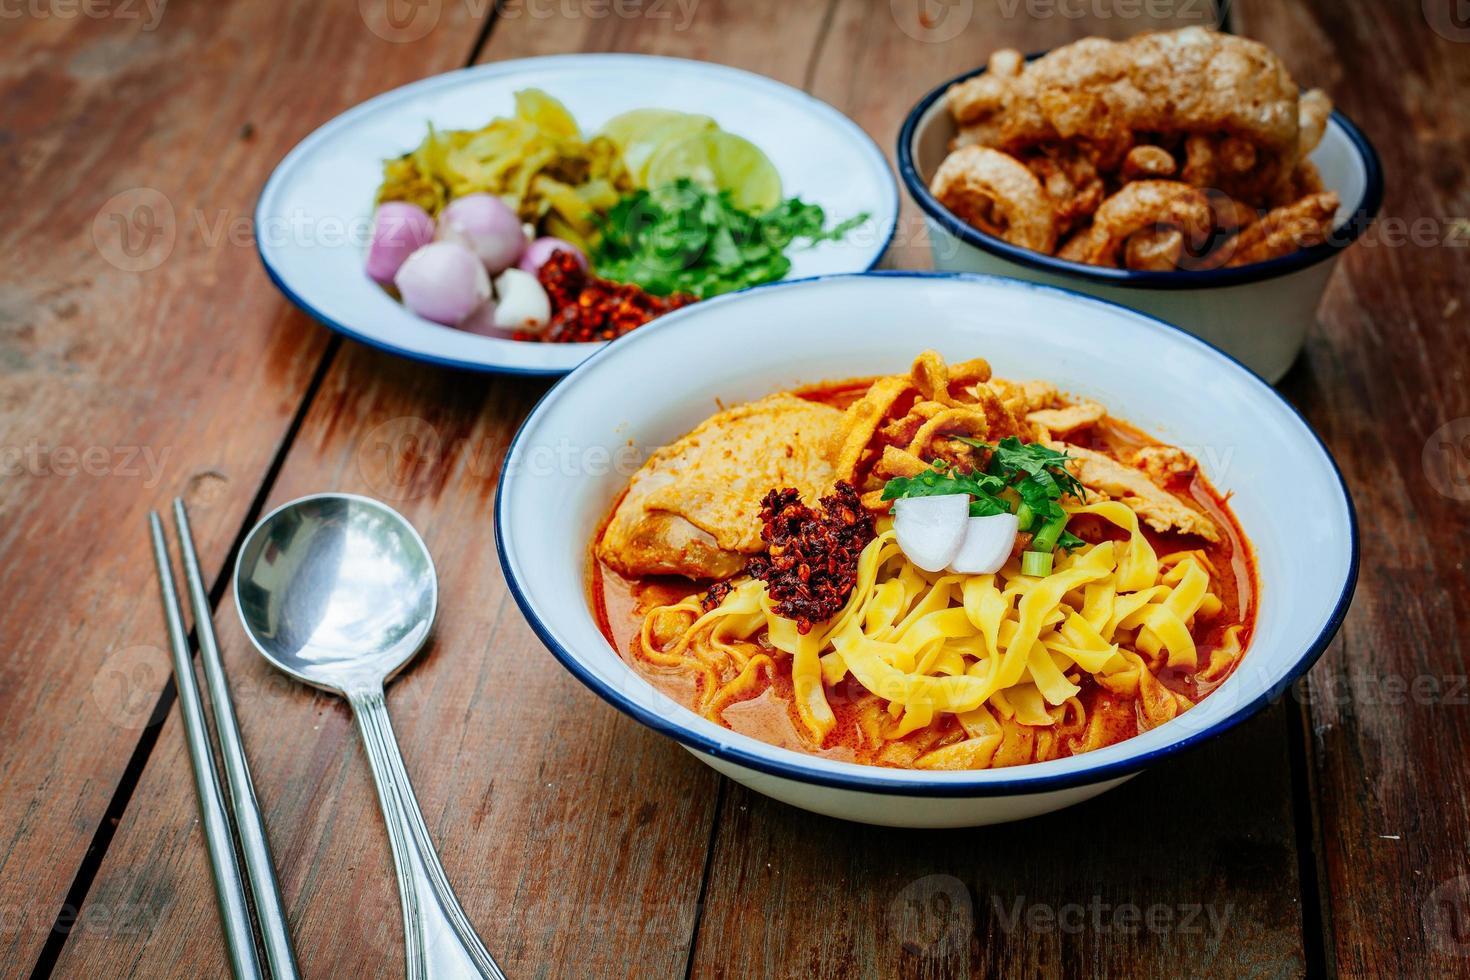 cuisine thaïlandaise (nord de la thaï) photo